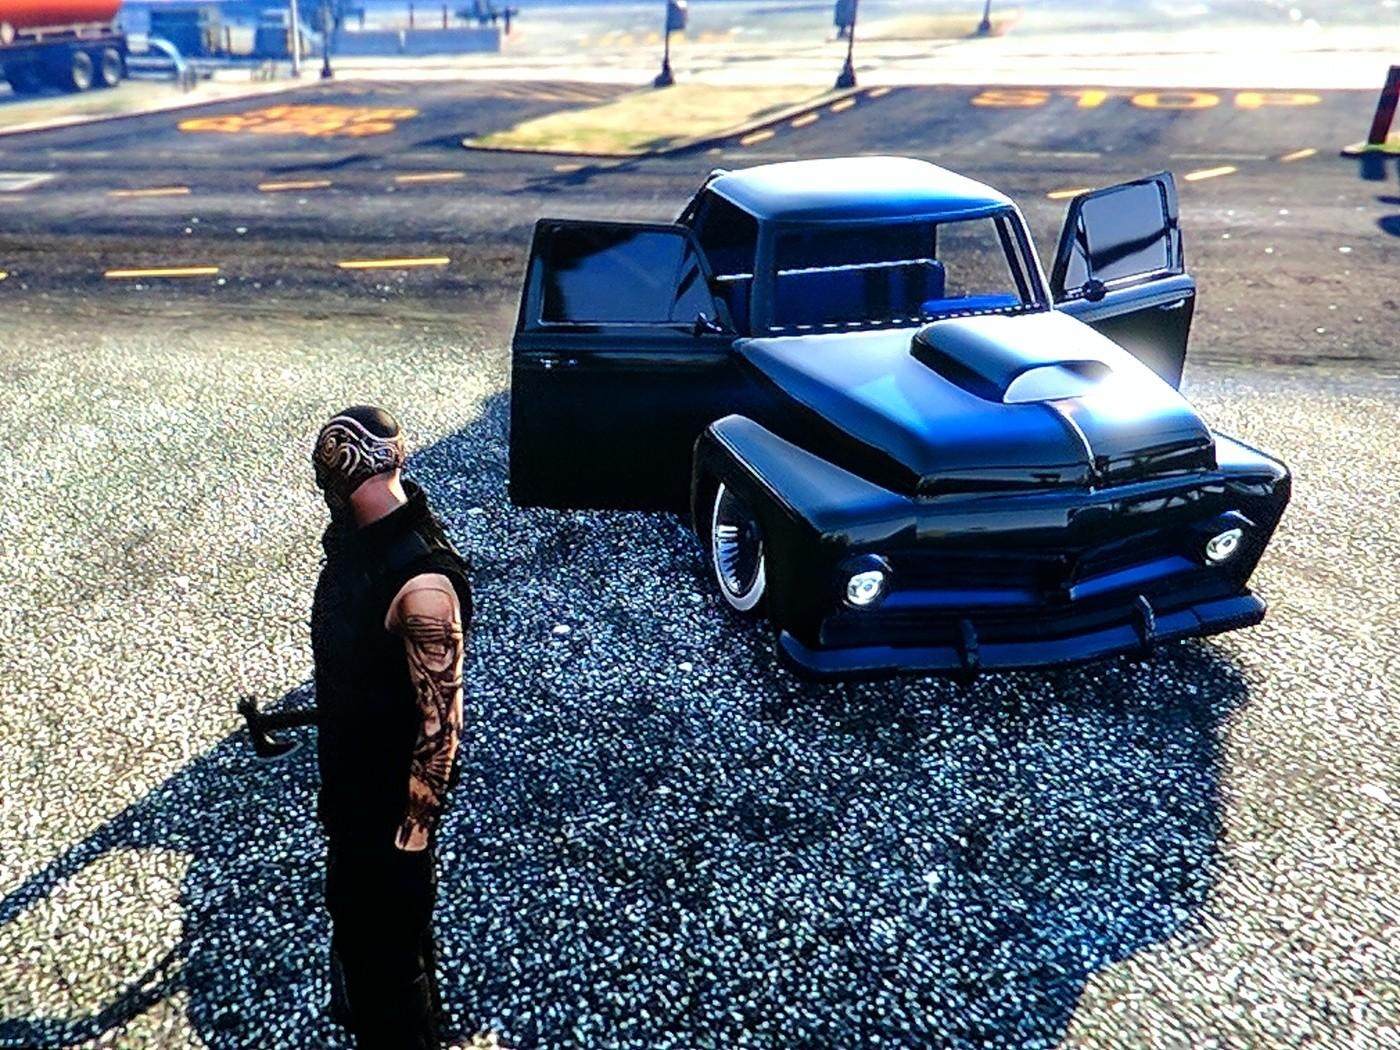 GTA V Cars, anyone?